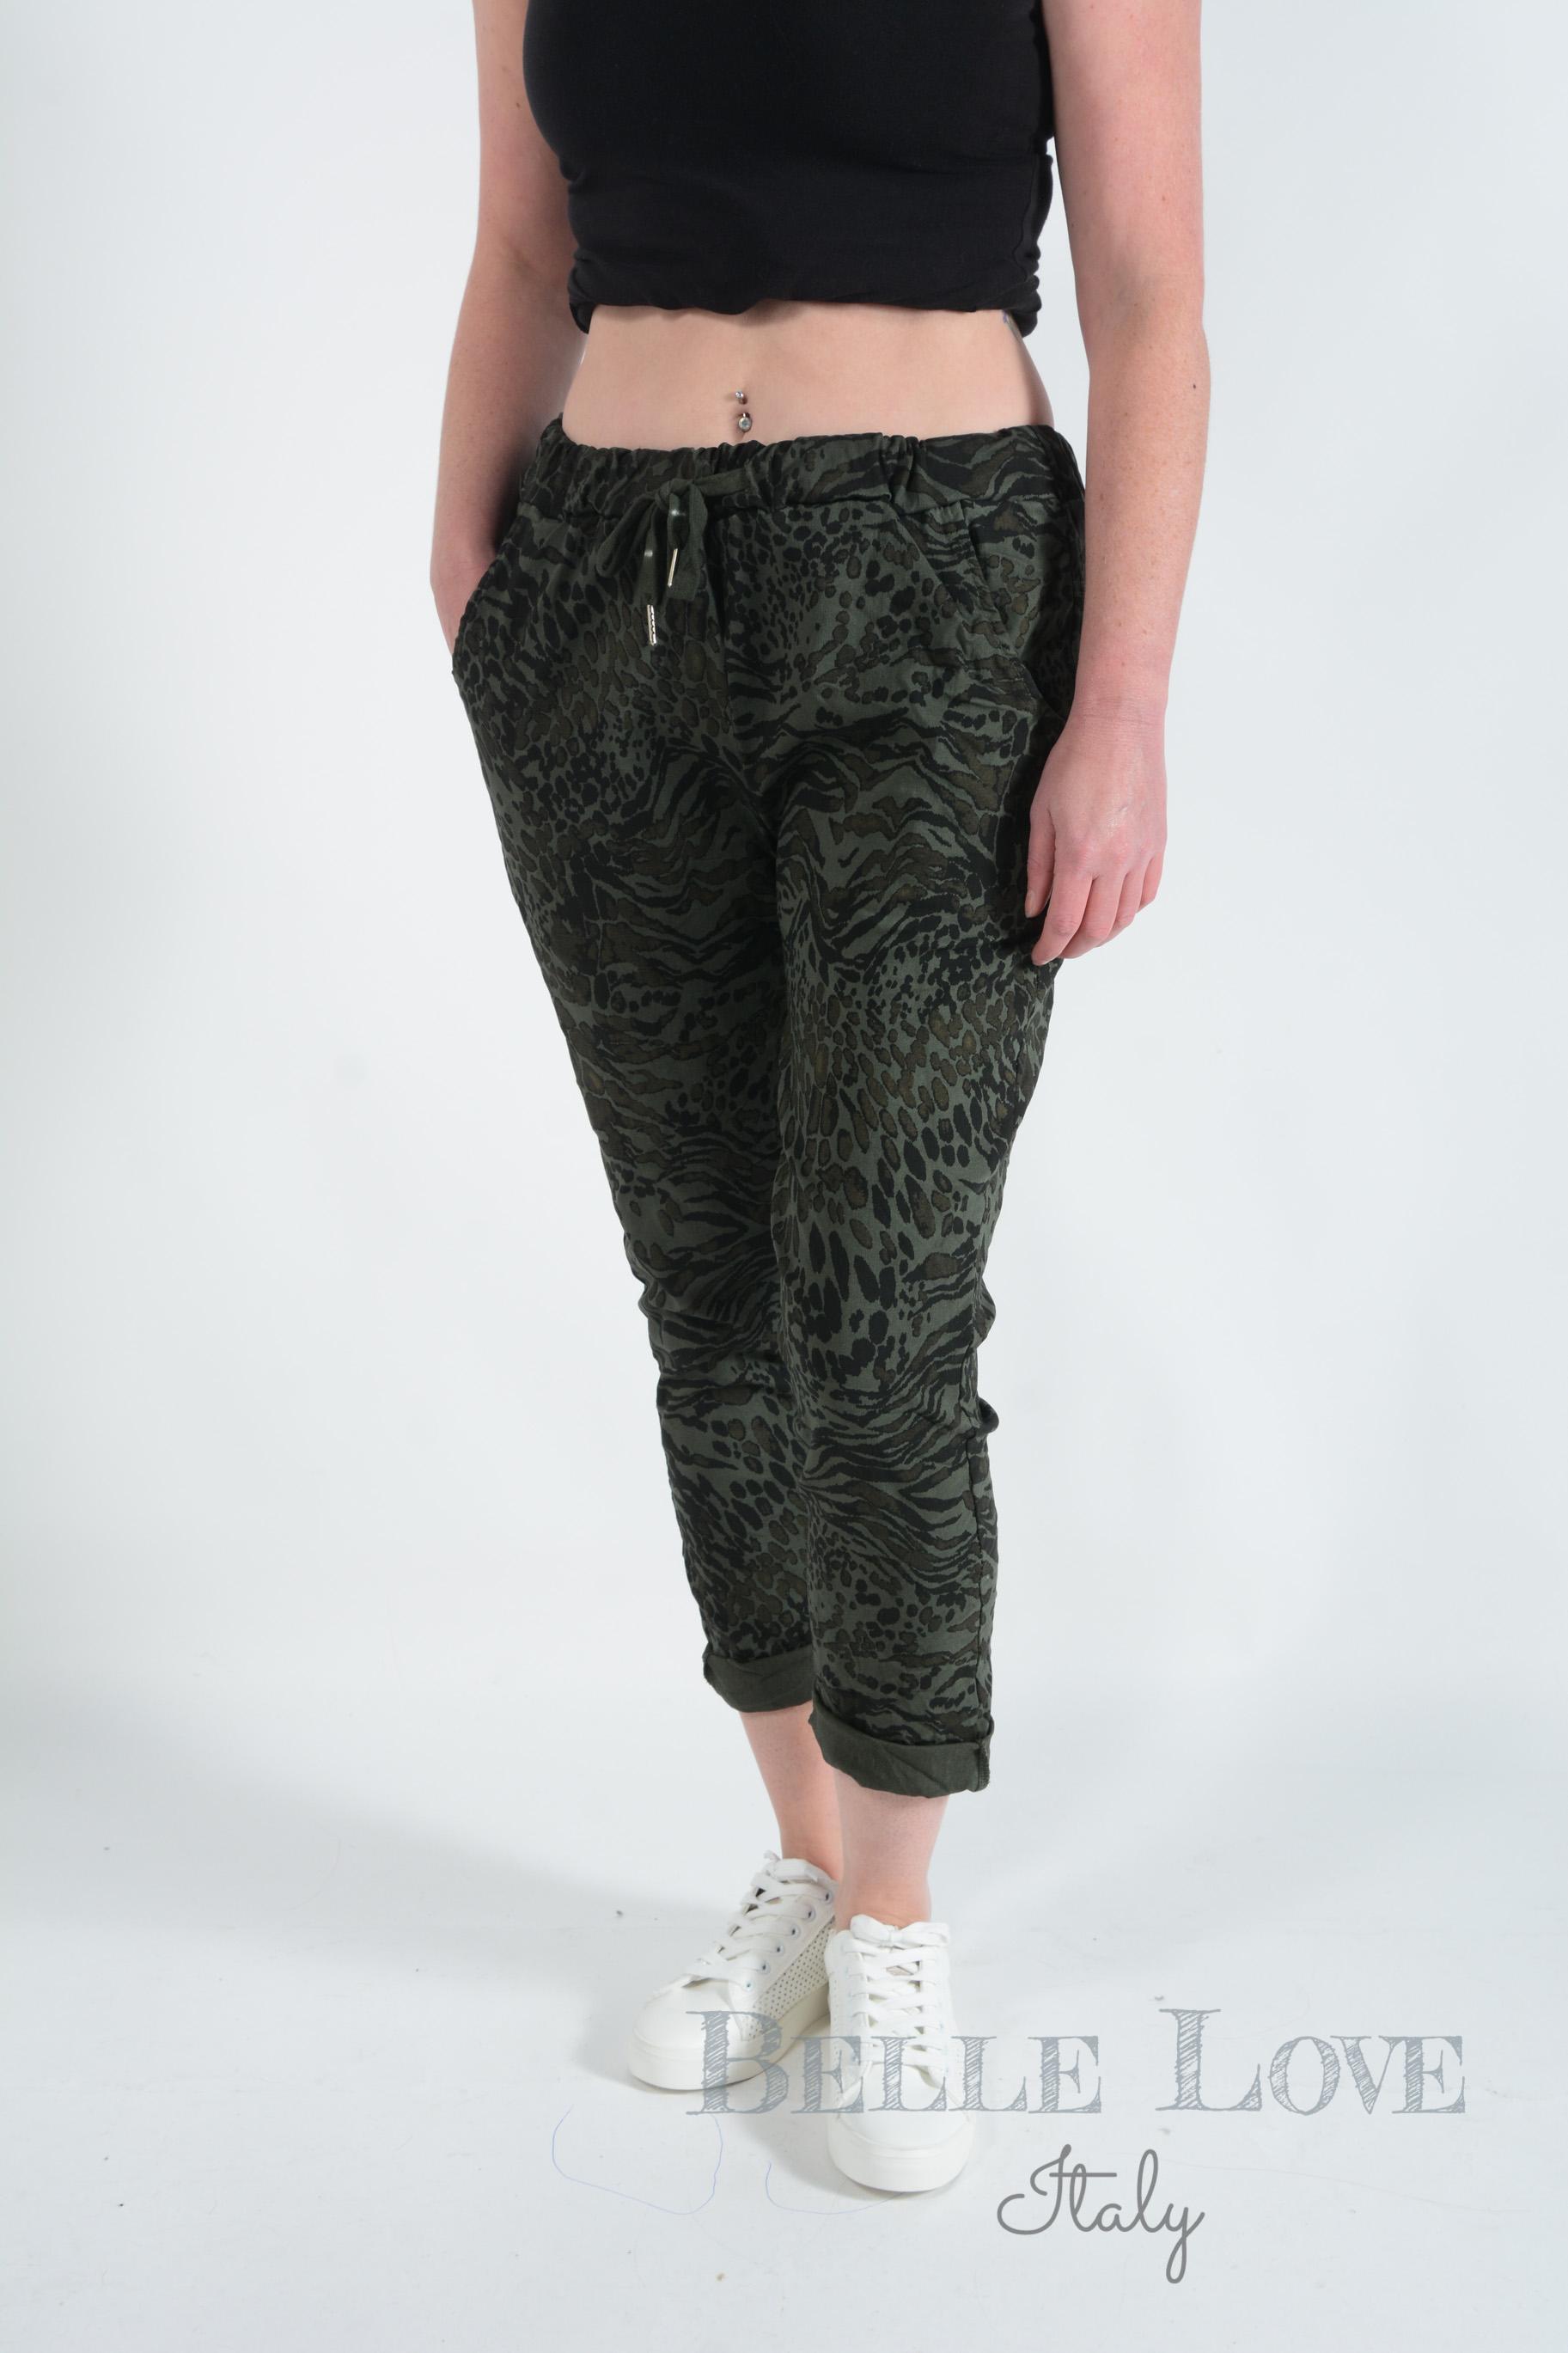 Belle Love Italy Joelle Leopard Zebra Print Magic Women's Lounge Pants